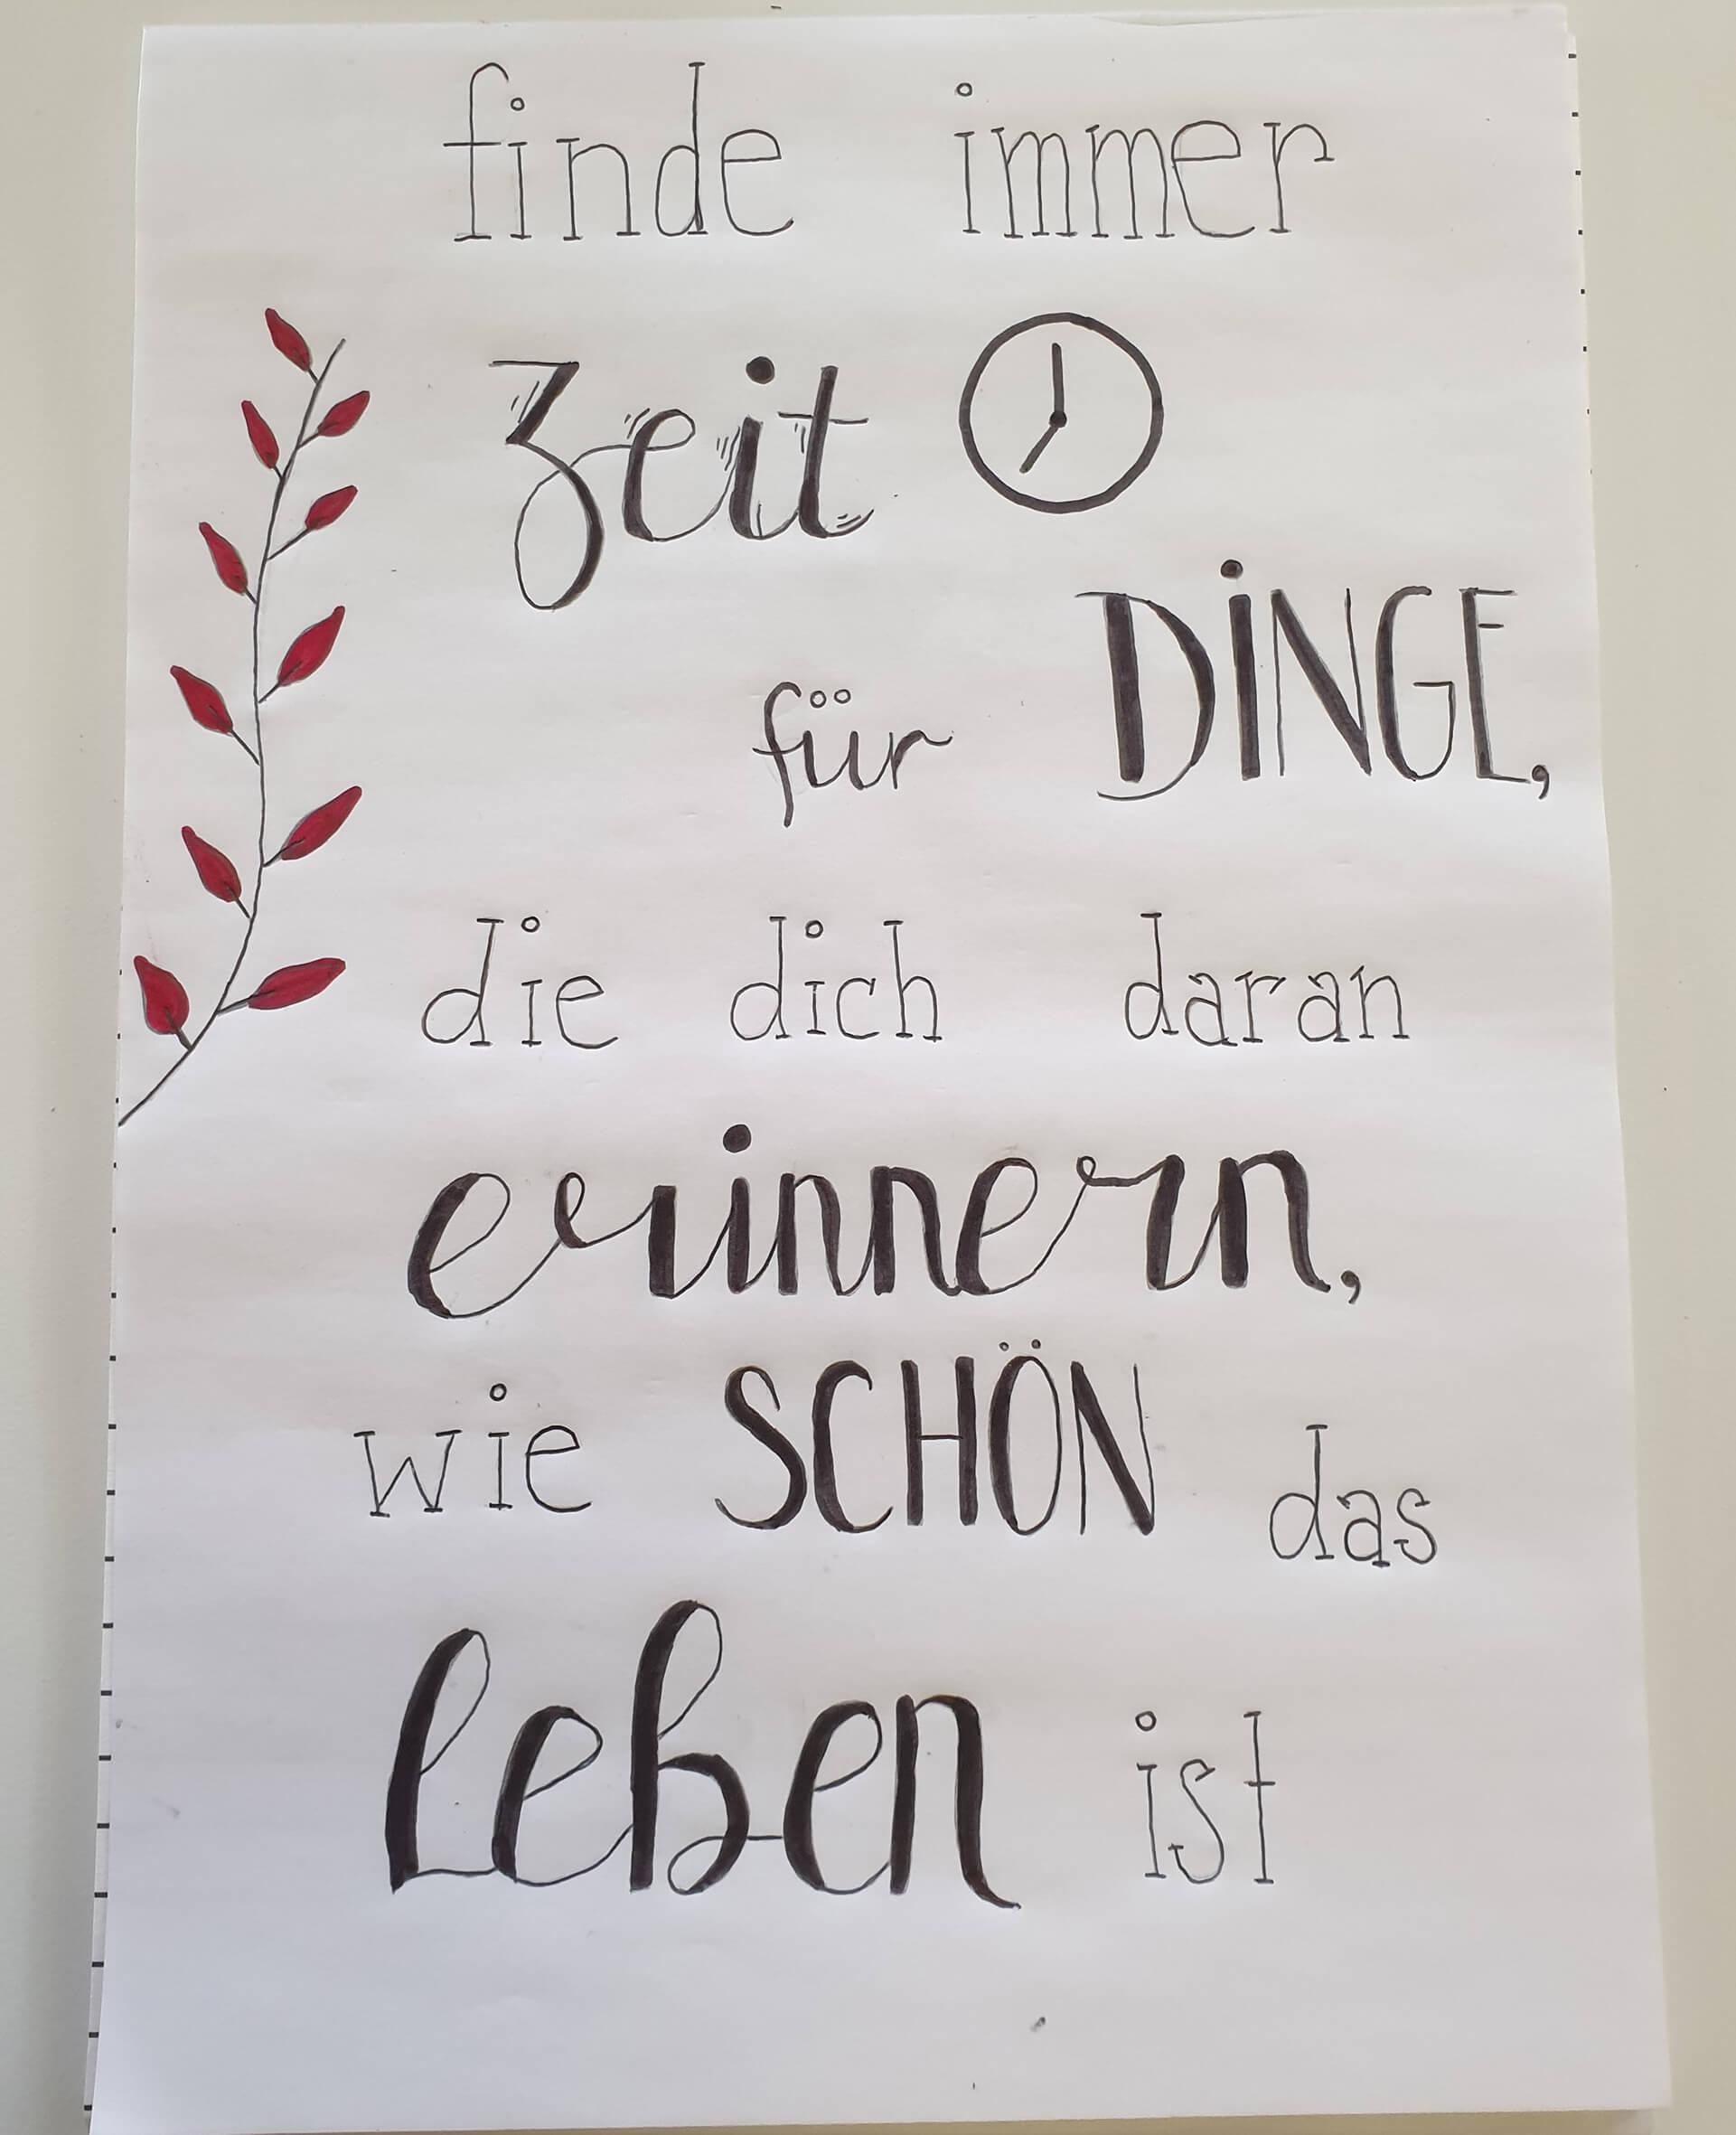 Schülerin hat Zitat kalligrafisch gestaltet.